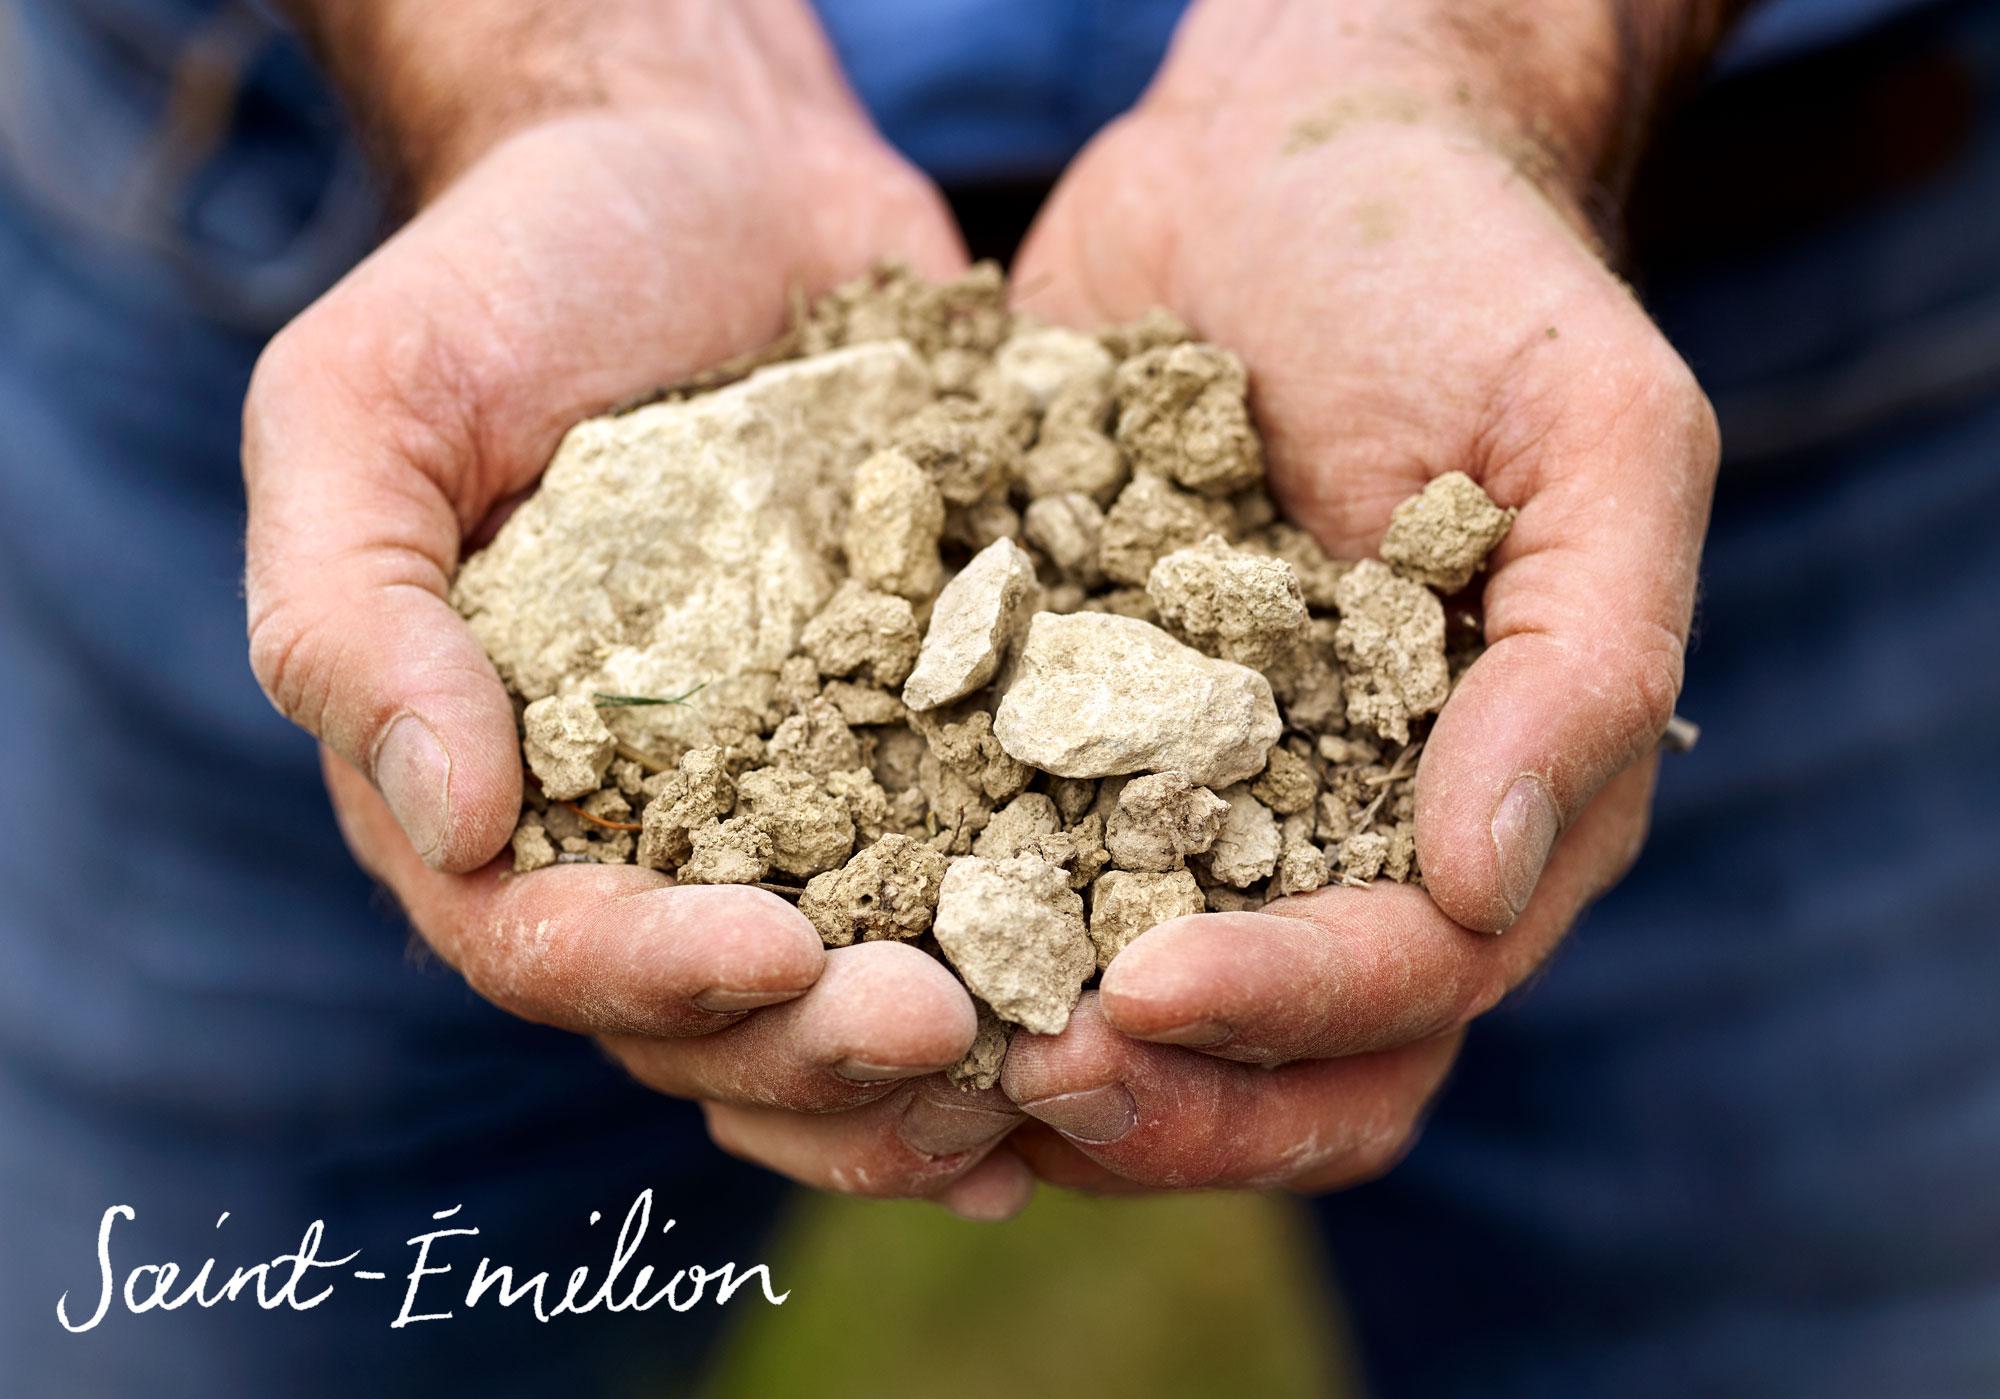 Saint-Emilion terroir from the Bordeaux wine region